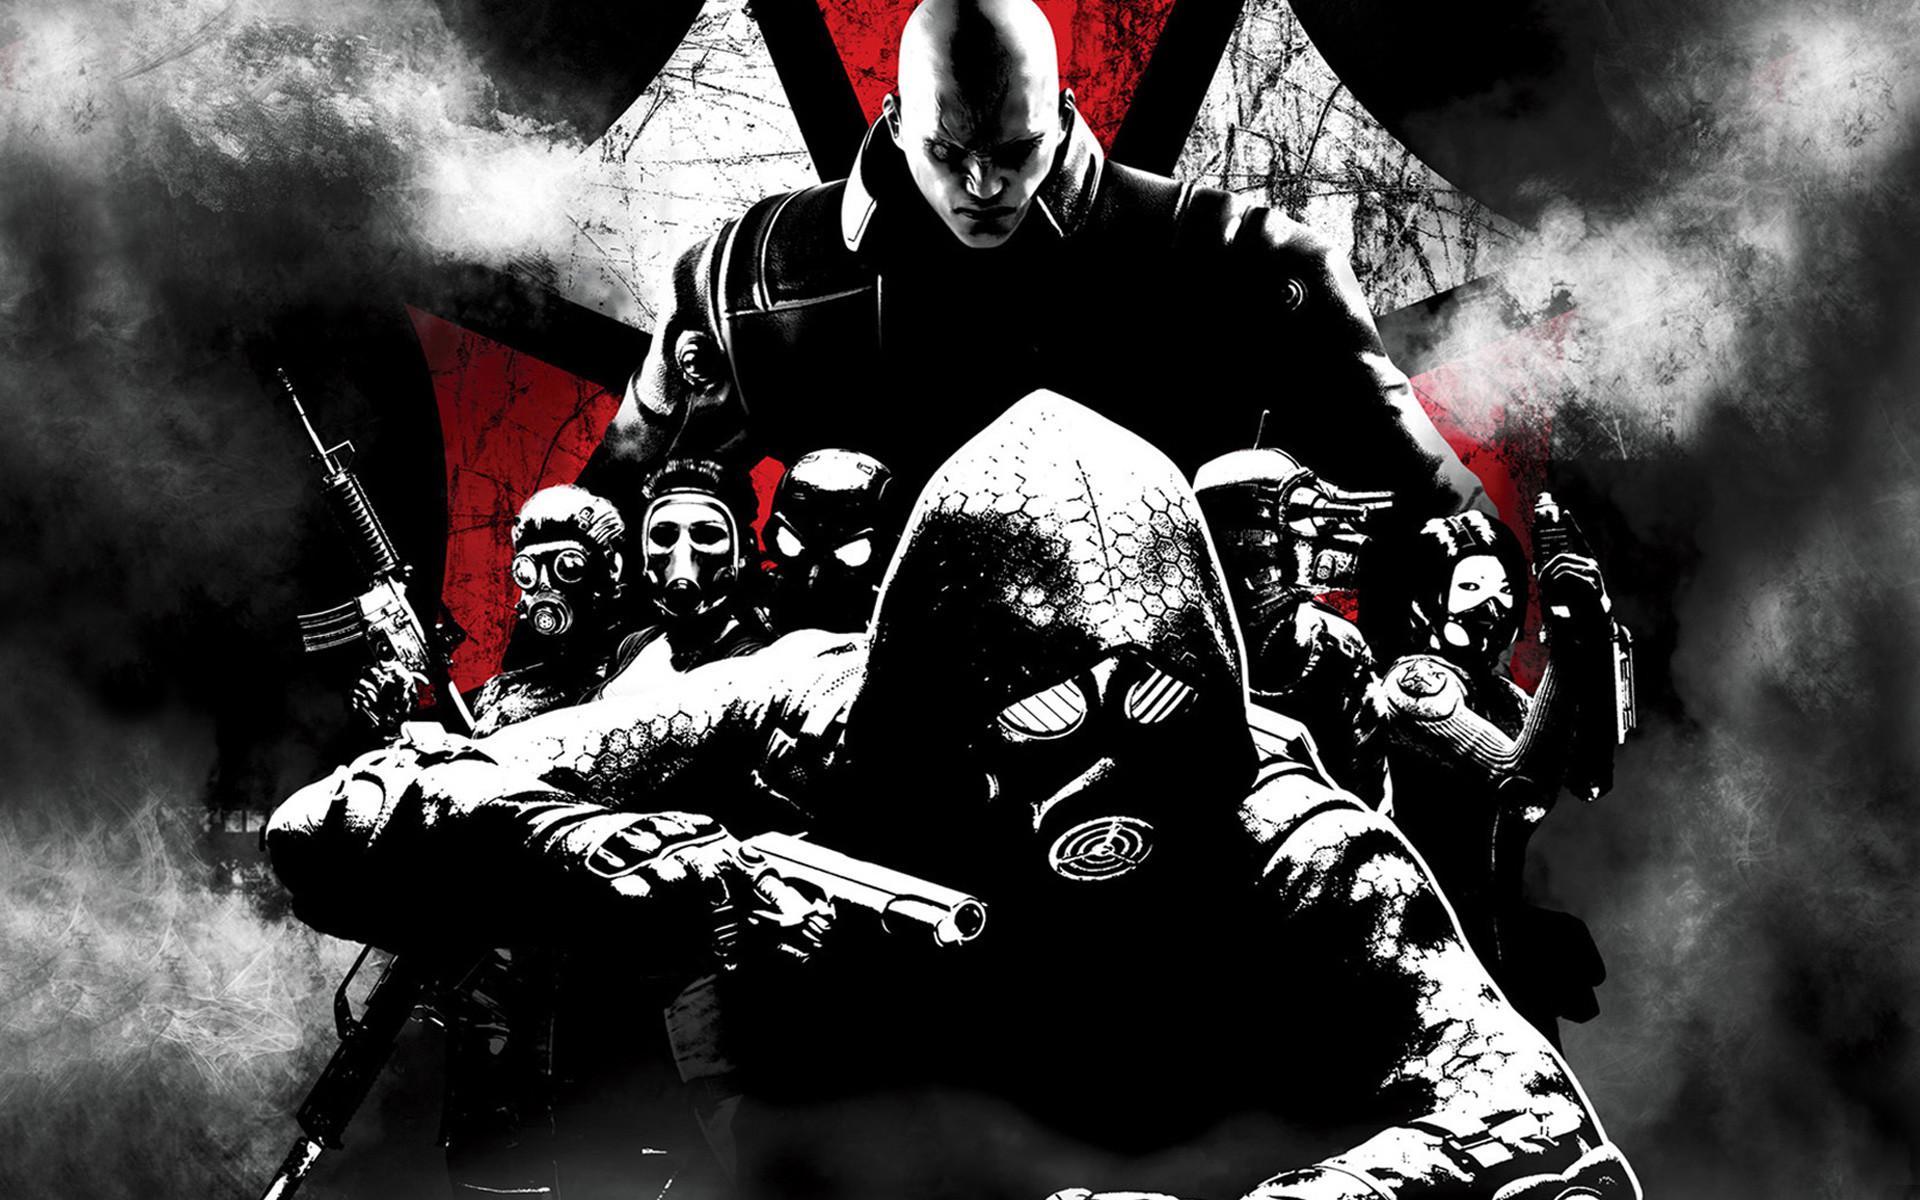 Resident evil wallpaper hd - Wallpaper resident evil 5 ...